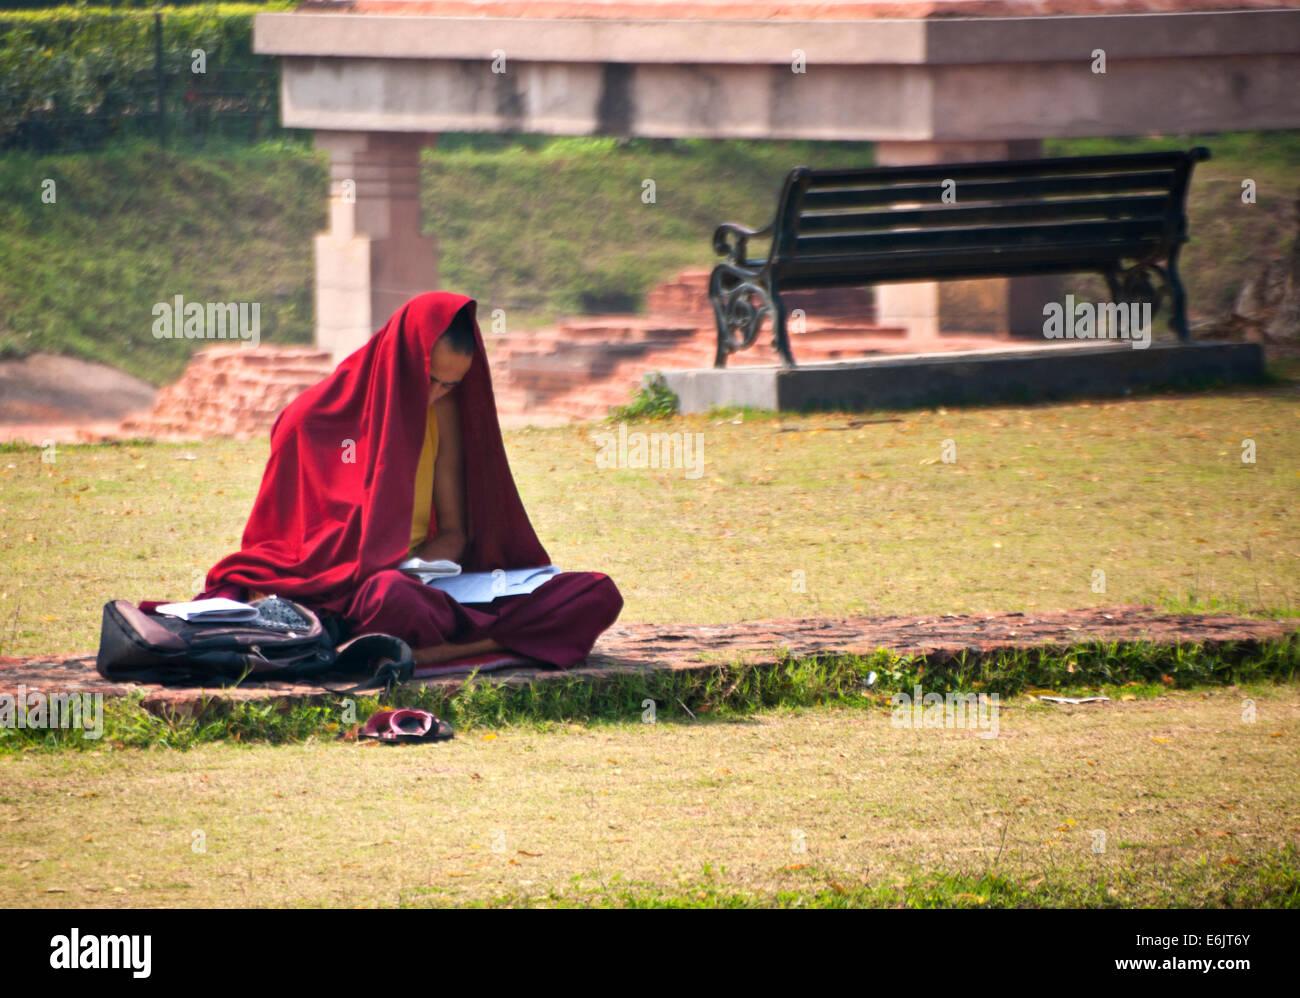 Jeune moine avec sa tête et son corps en partie couverte par une feuille de tissu rouge, sitting cross legged Photo Stock